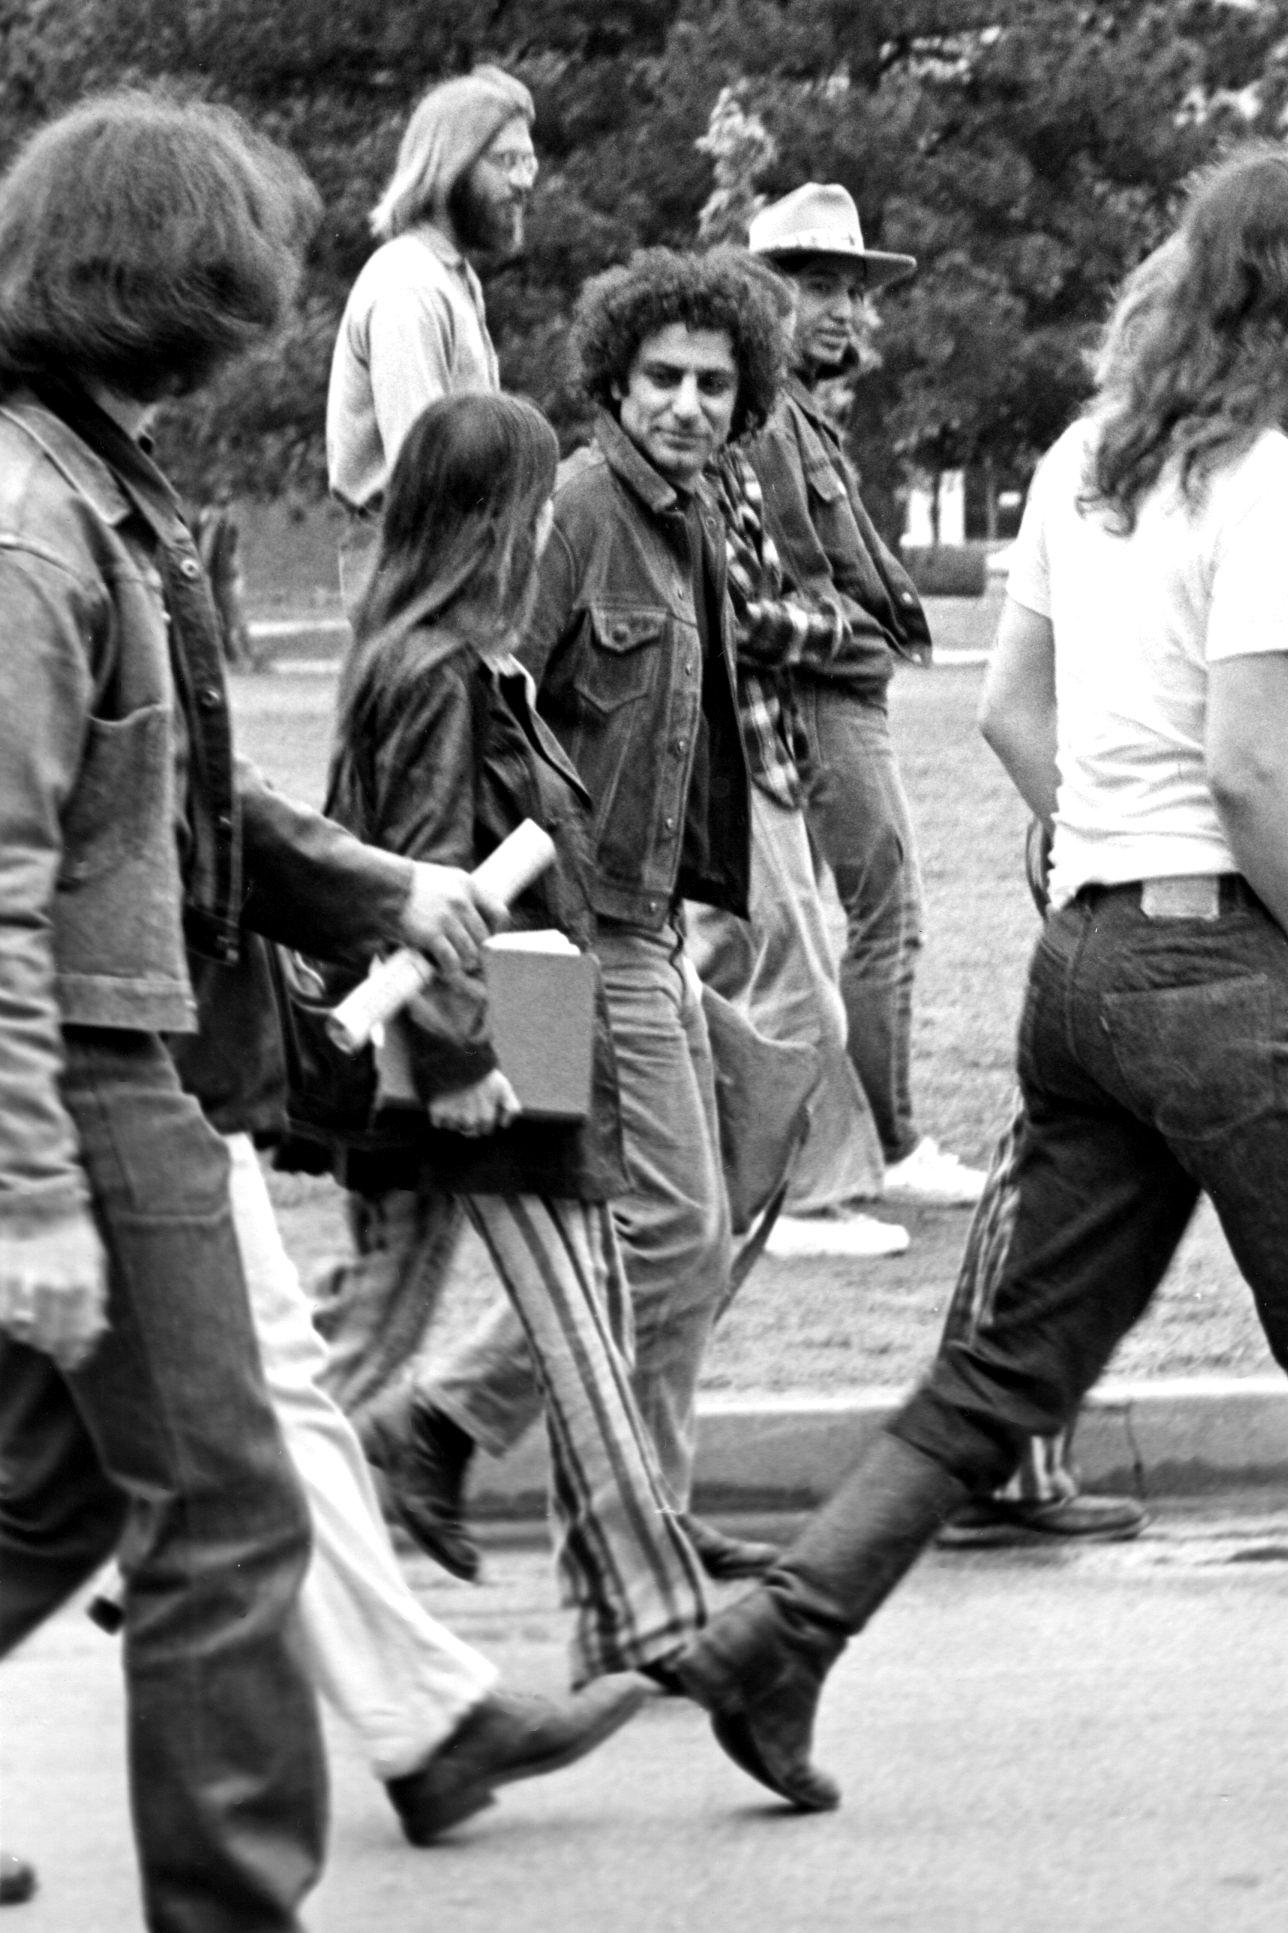 Abbie Hoffman na Uniwersytecie Oklahoma podczas protestów przeciwko wojnie wietnamskiej.